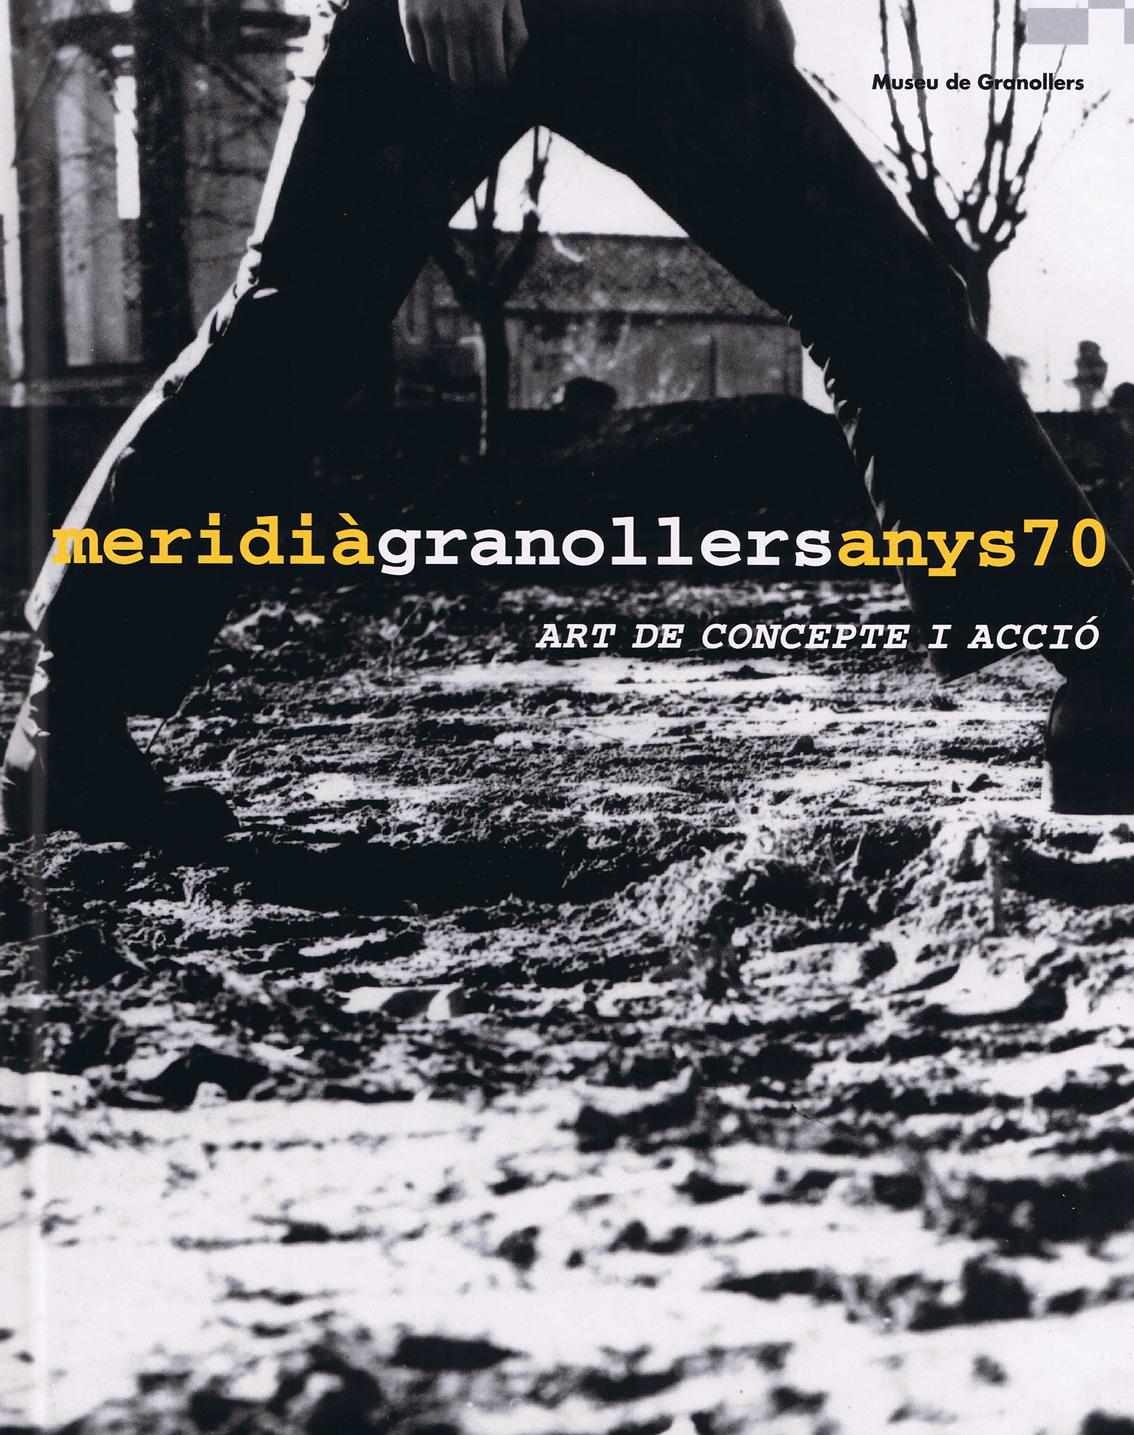 MERIDIÀ GRANOLLERS ANYS 70, ART DE CONCEPTE I ACCIÓ